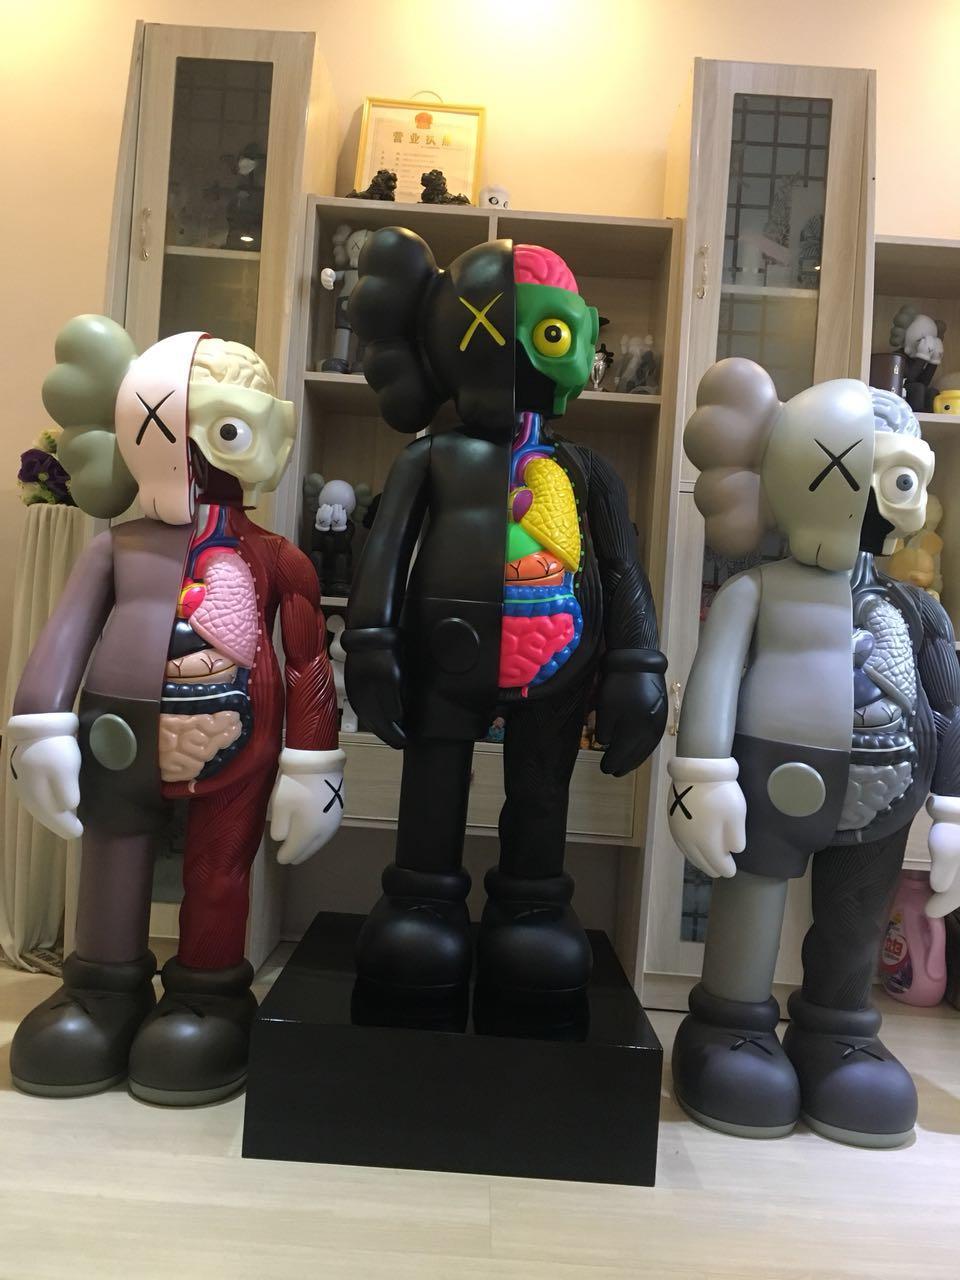 [New] Original falso KAWS 130 centímetros 4ft OriginalFake kaws dissected 1:1 coleção figuras de ação brinquedo modelo de Decoração Para Casa presente